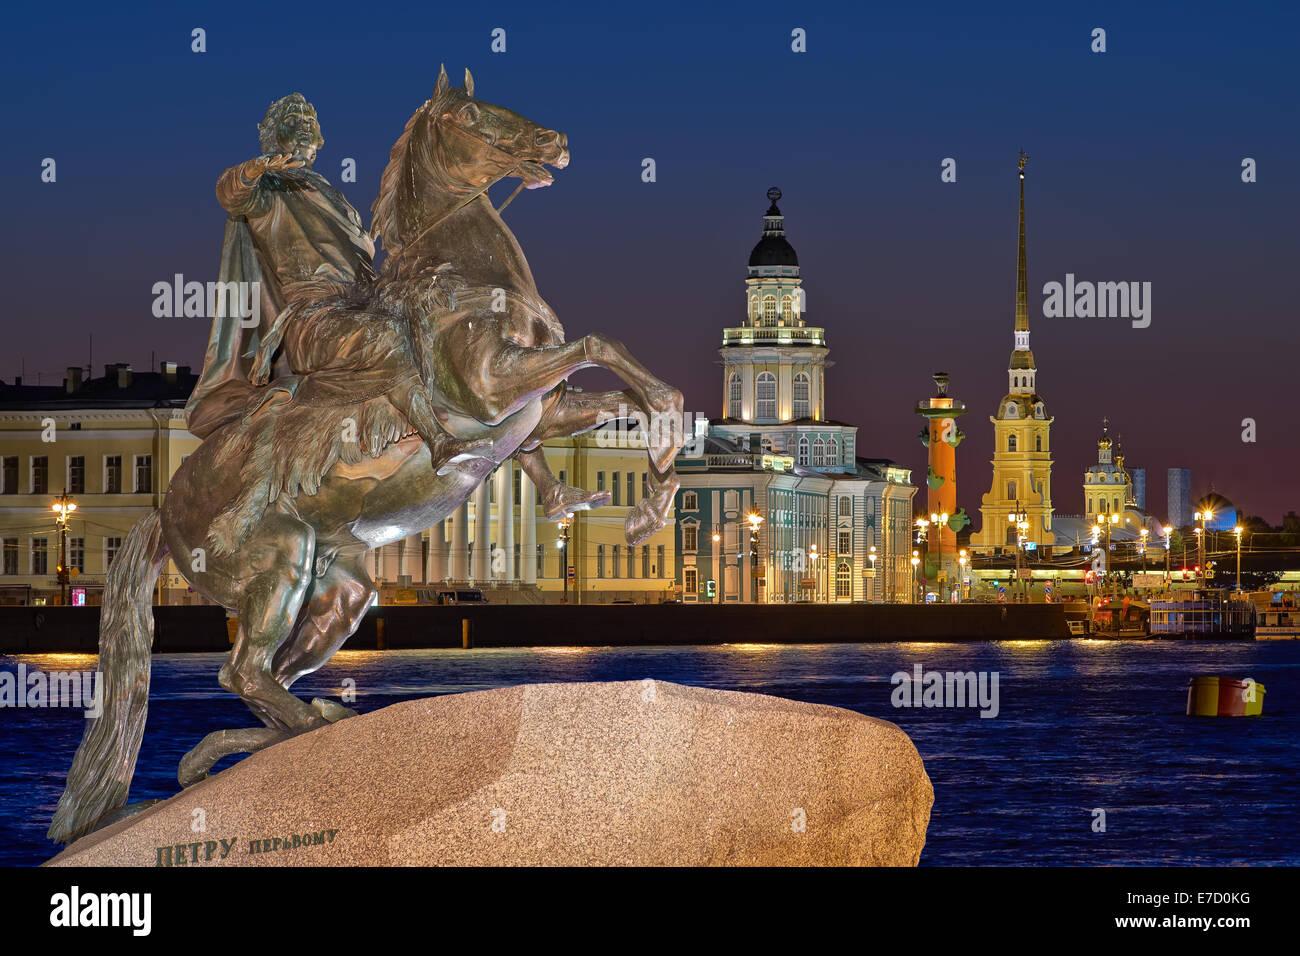 Vue de nuit sur le centre ST.PETERSBURG, et le monument Pierre 1 Photo Stock